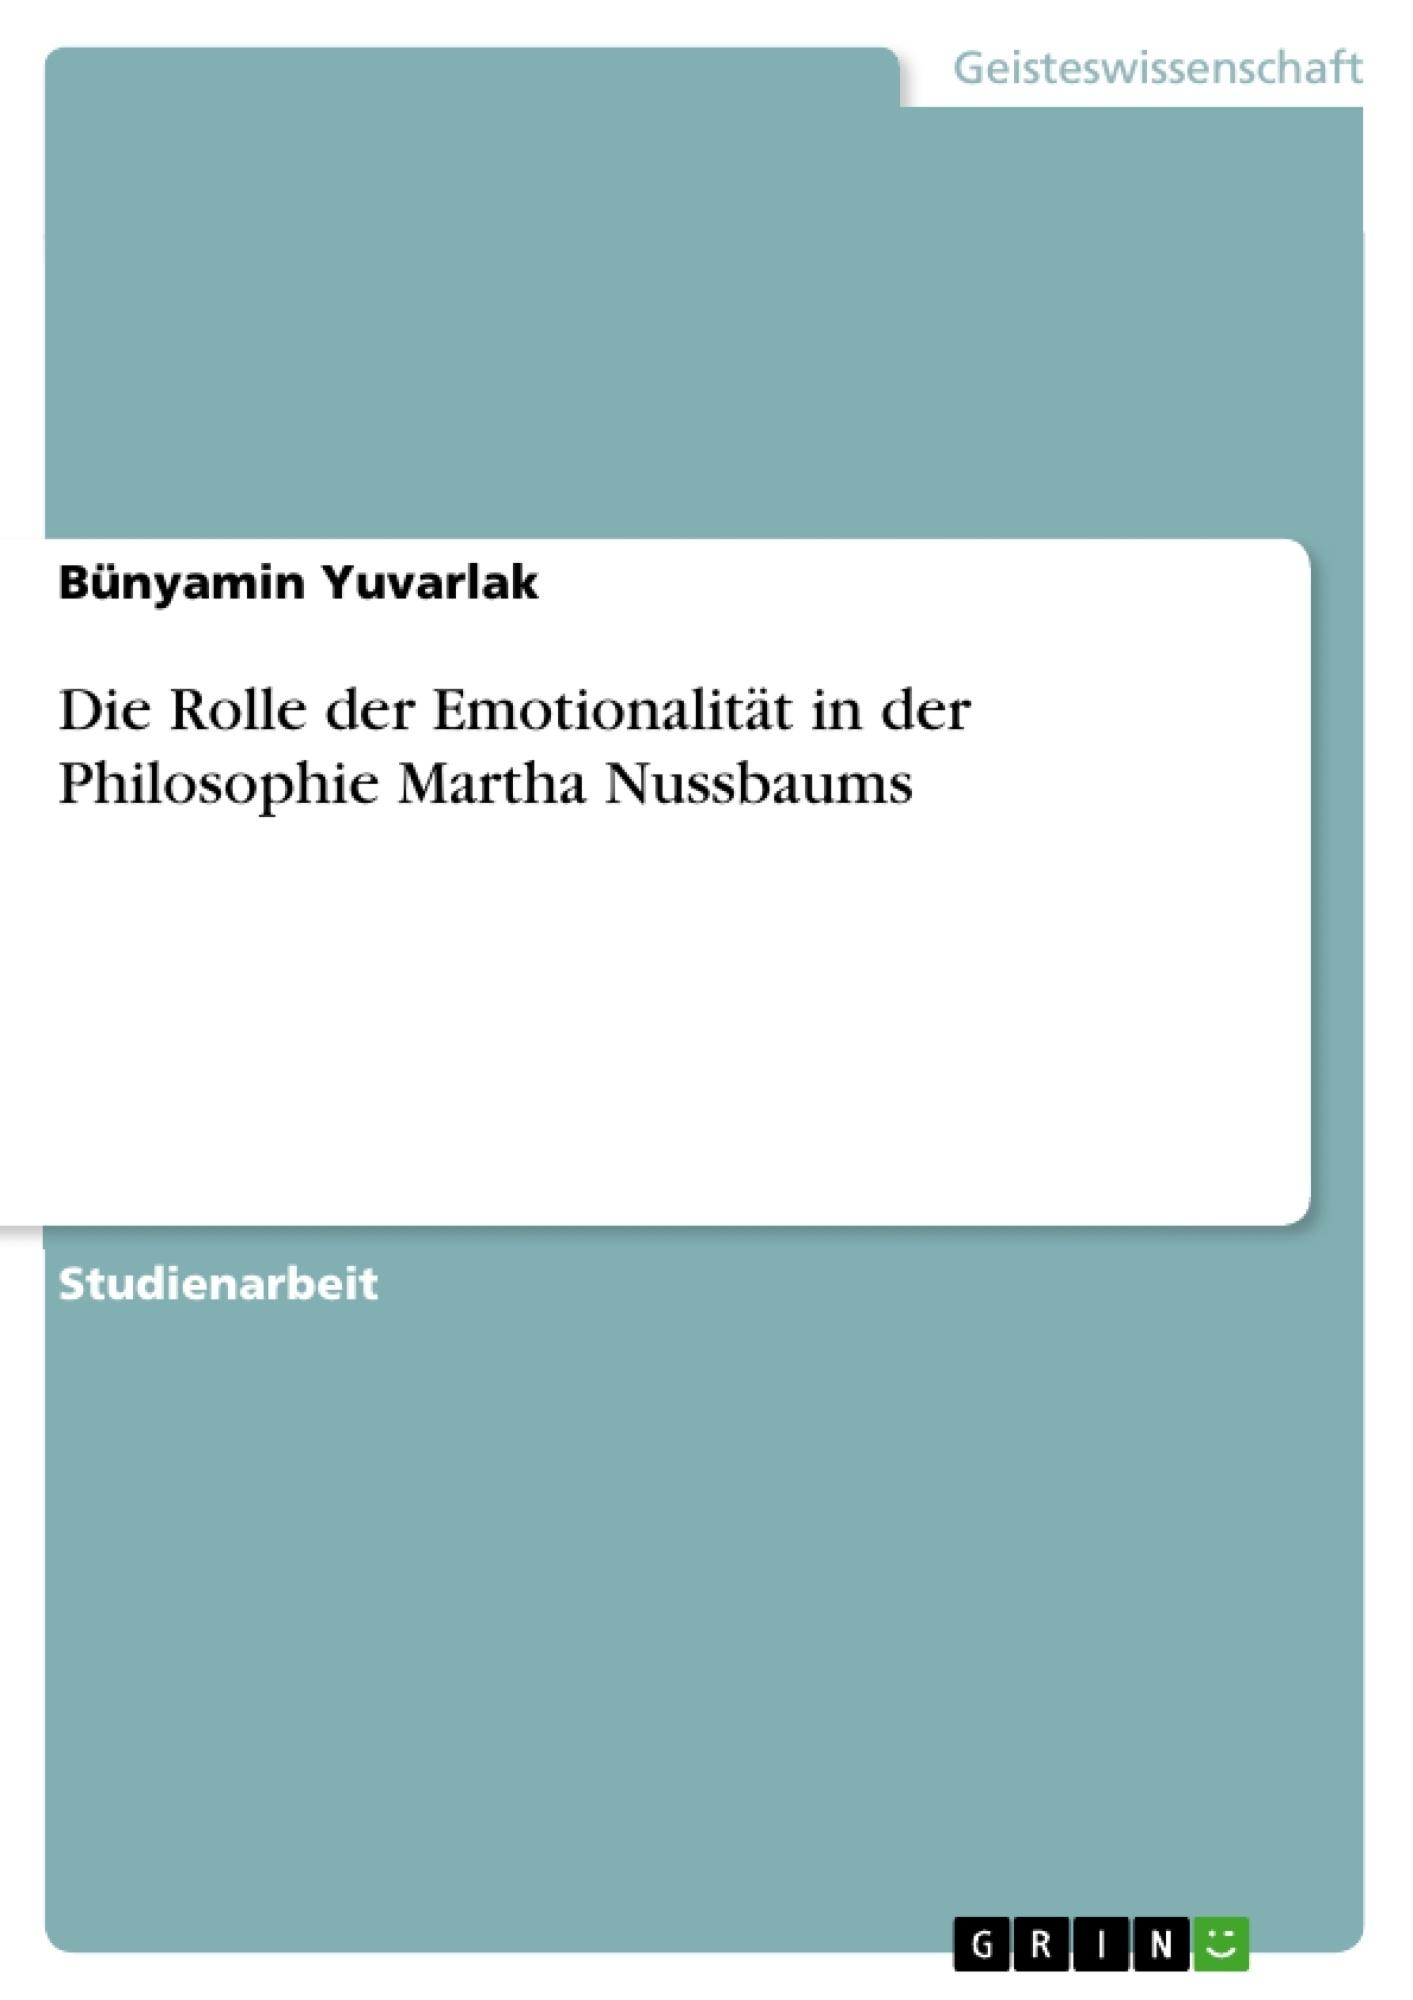 Titel: Die Rolle der Emotionalität in der Philosophie Martha Nussbaums